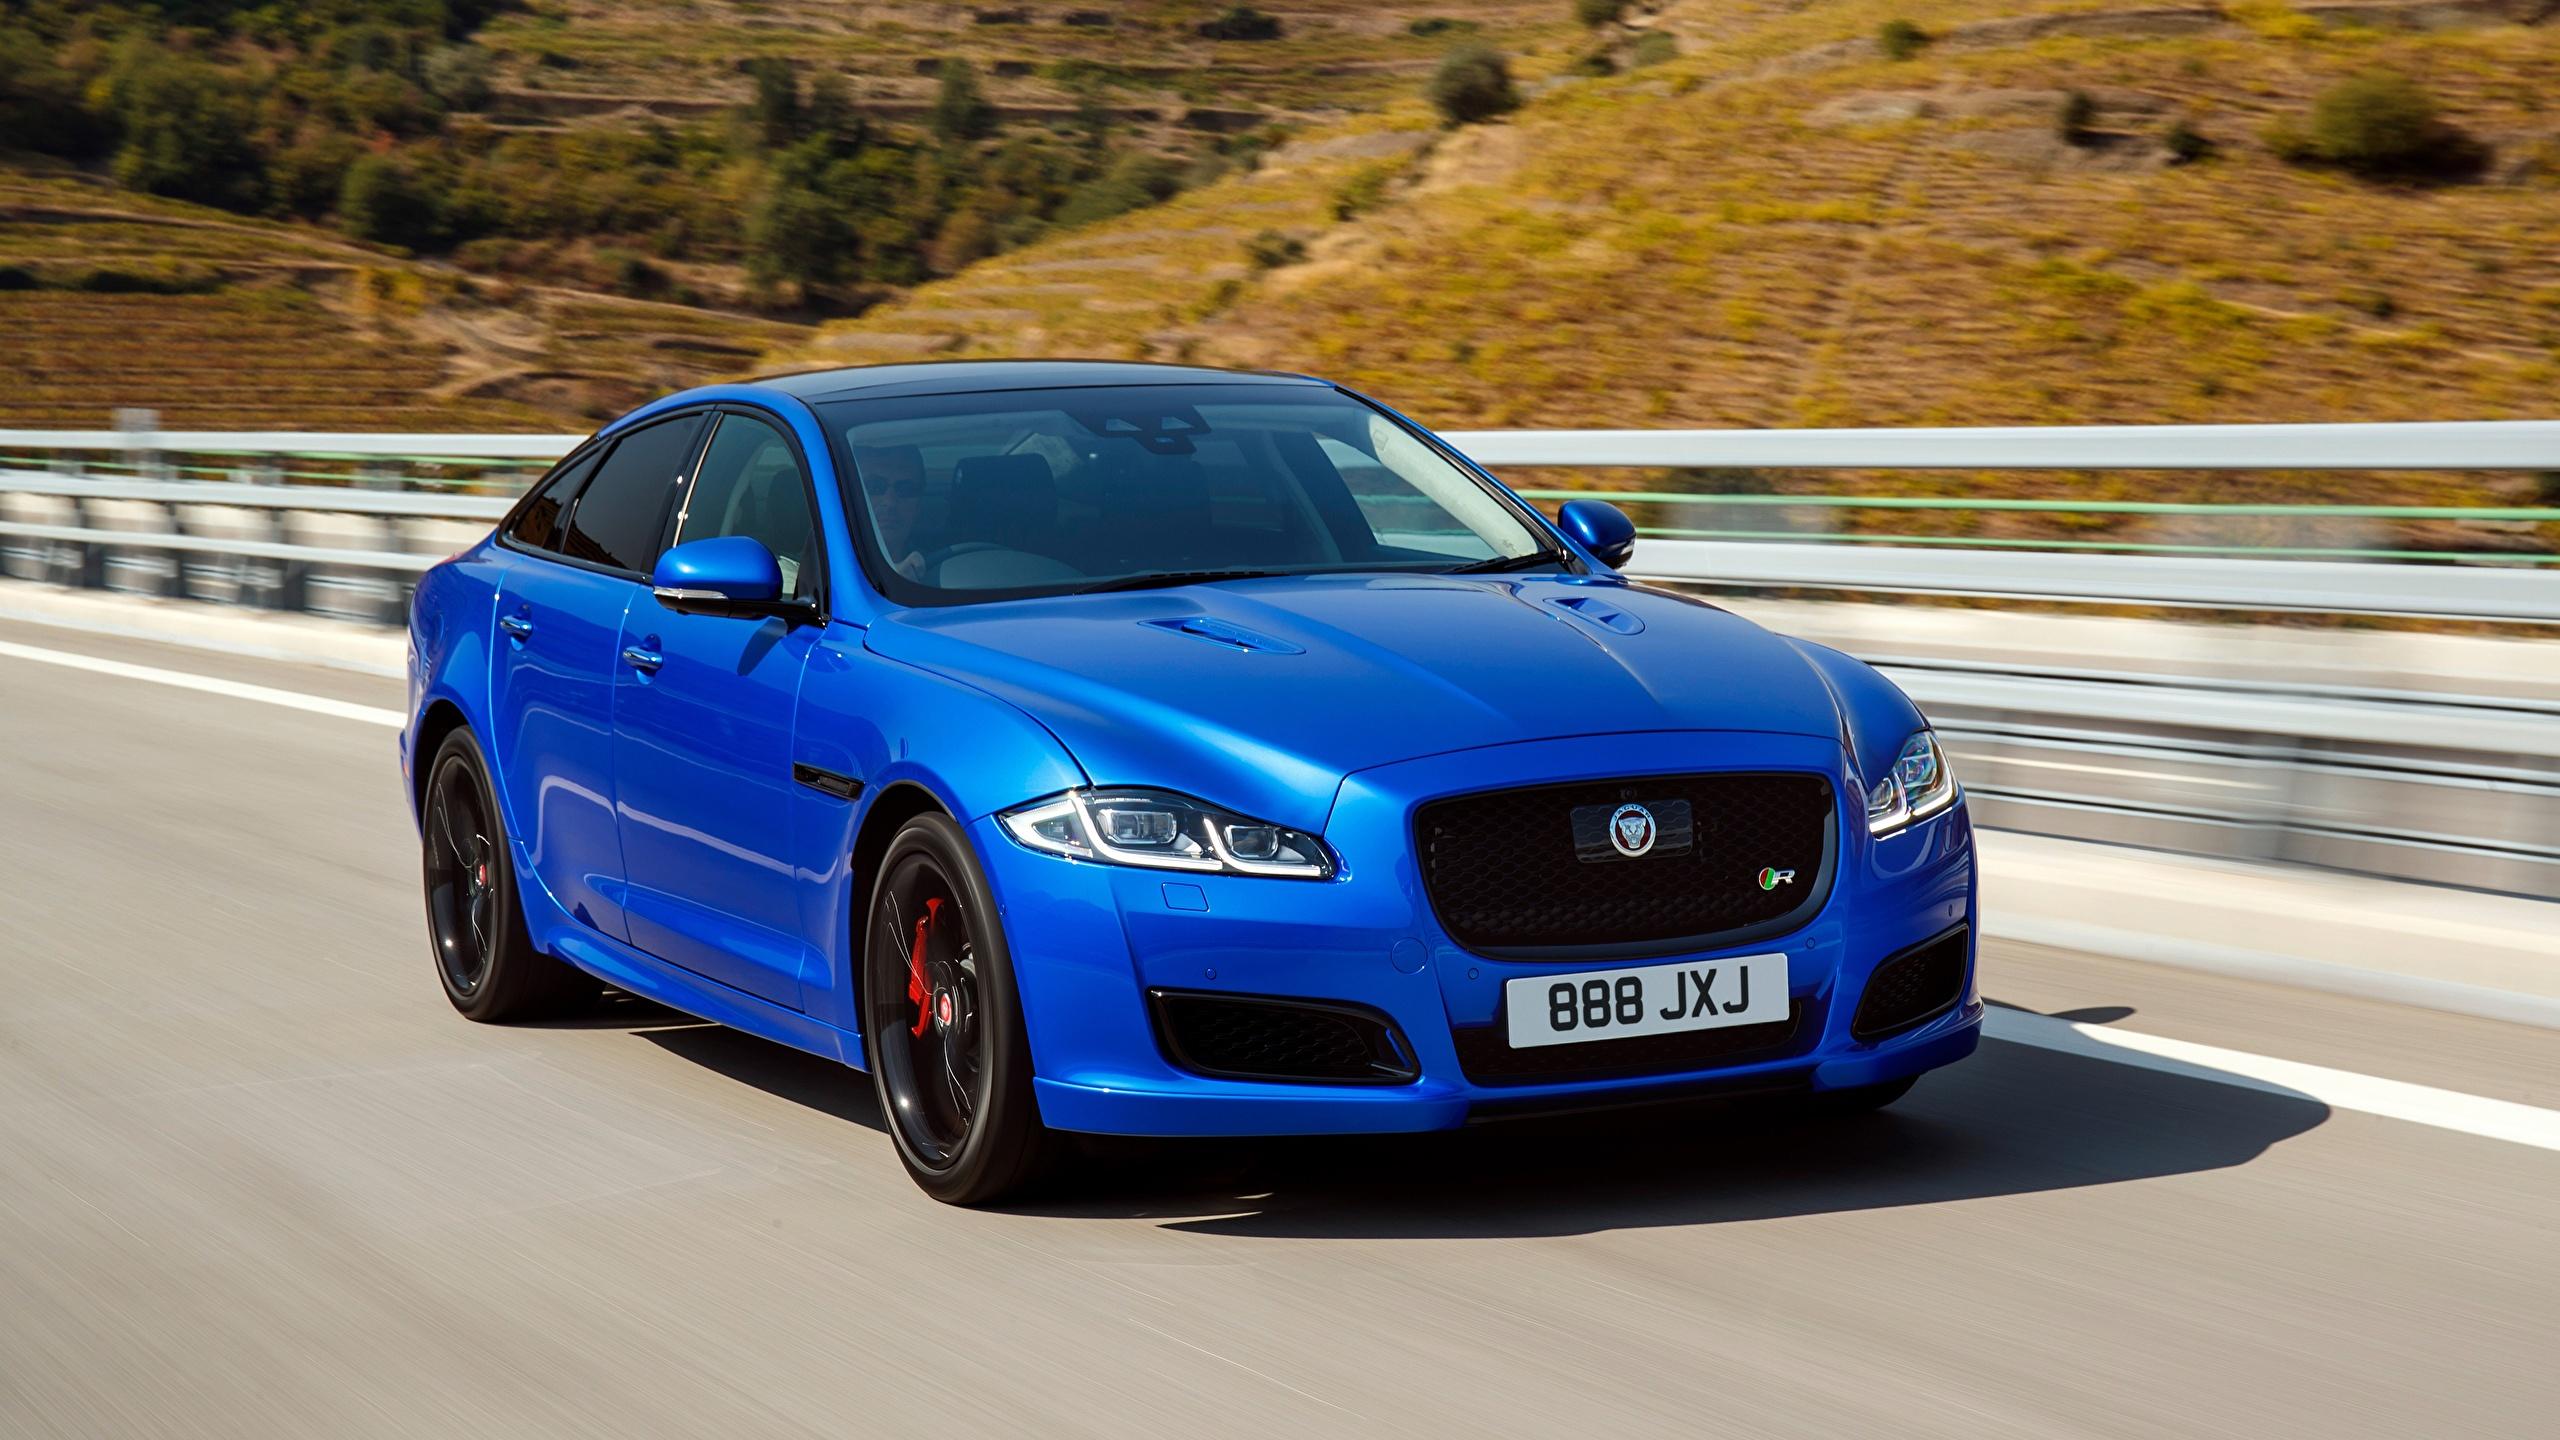 Фотография Ягуар боке Седан синяя скорость машина 2560x1440 Jaguar Размытый фон Синий синие синих едет едущий едущая Движение авто машины Автомобили автомобиль